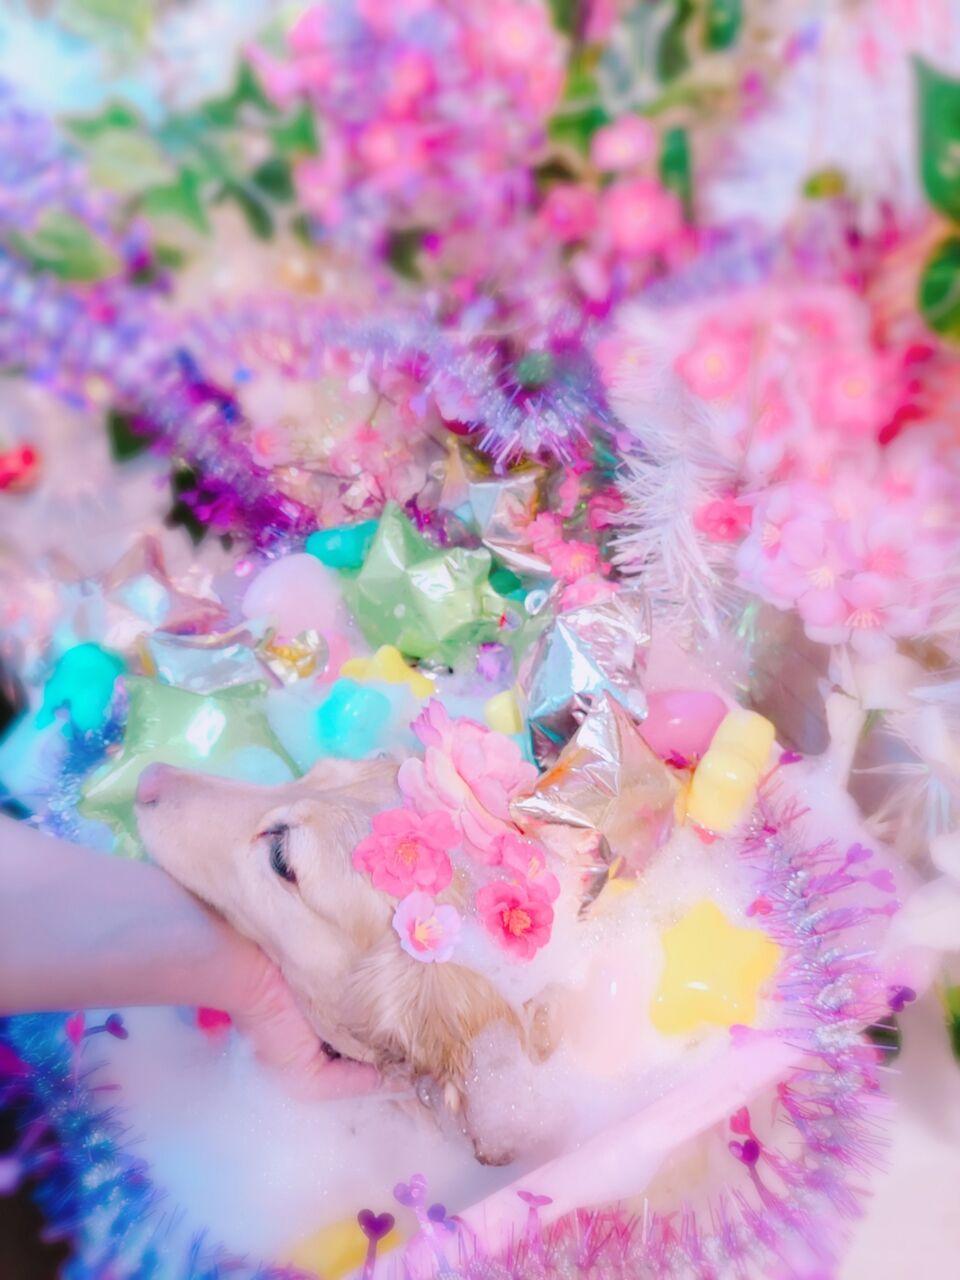 21-02-12-14-03-10-101_photo